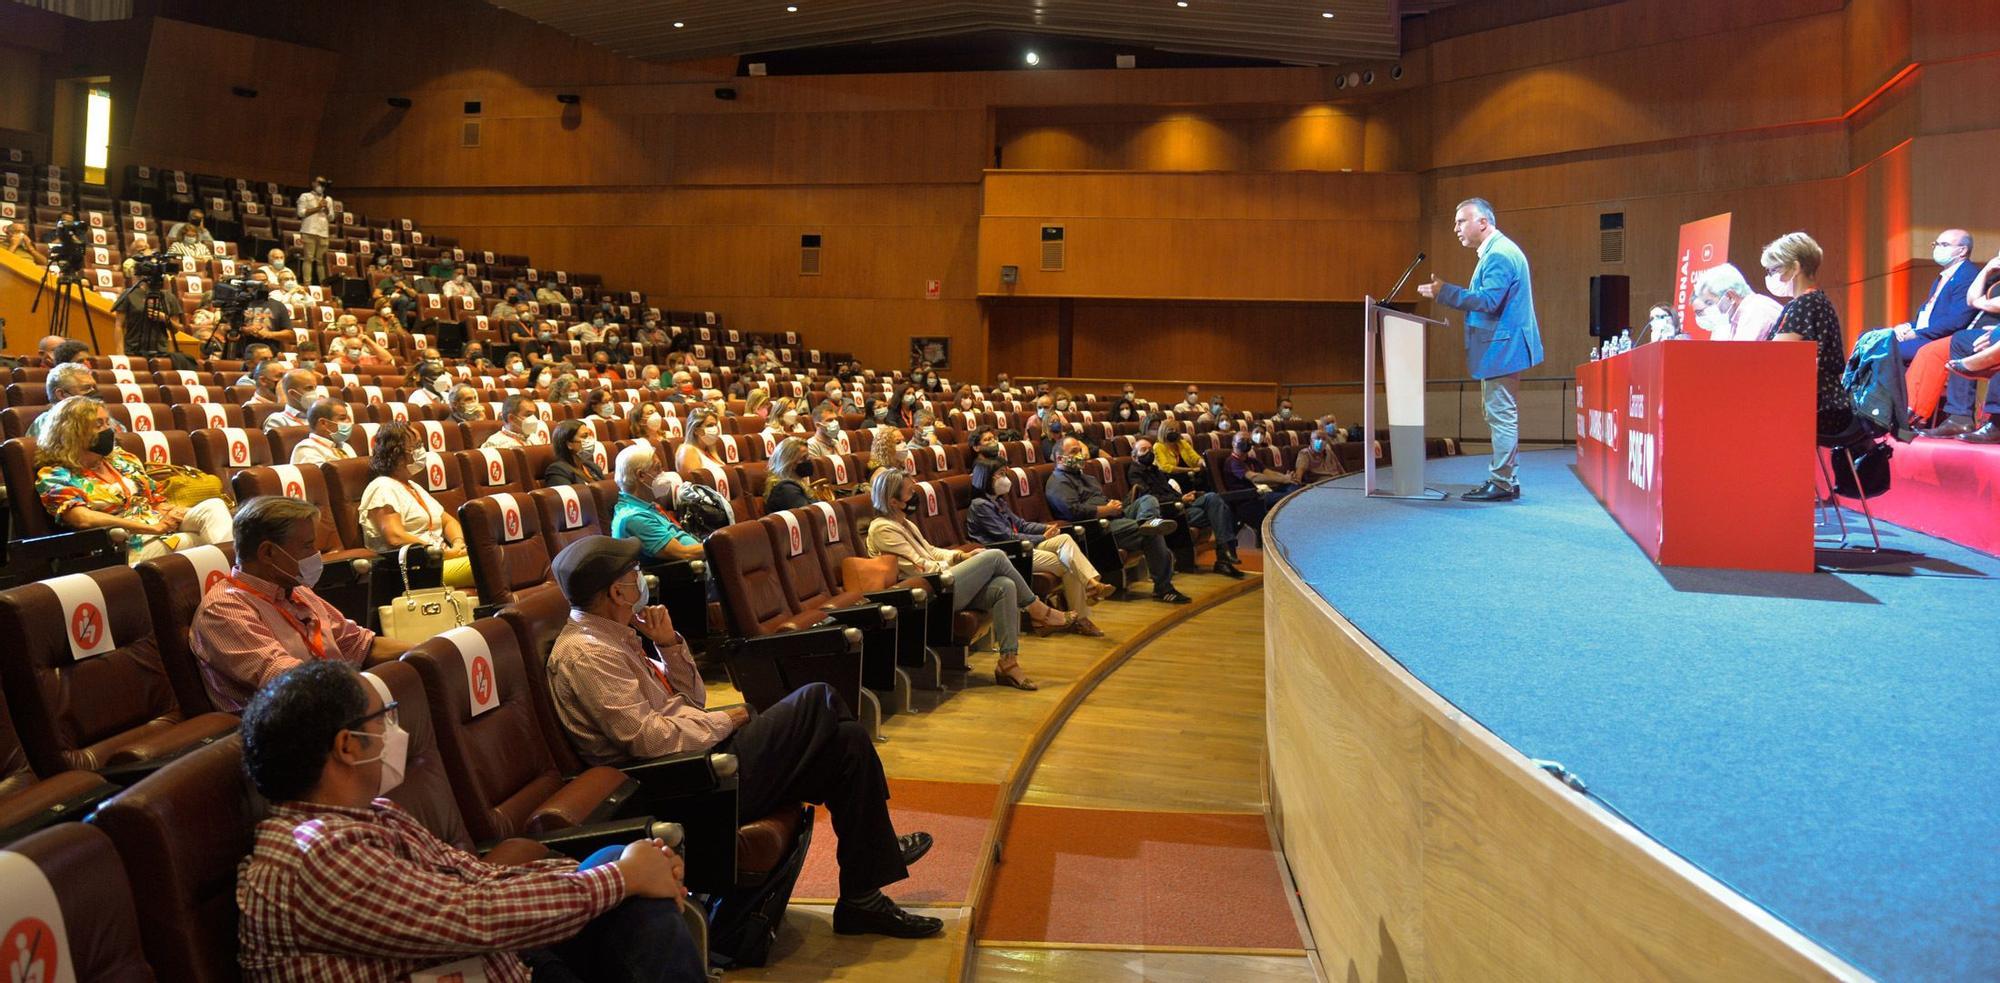 Reunión Extraordinaria del Comité Regional del PSOE en Infecar (18/09/2021)